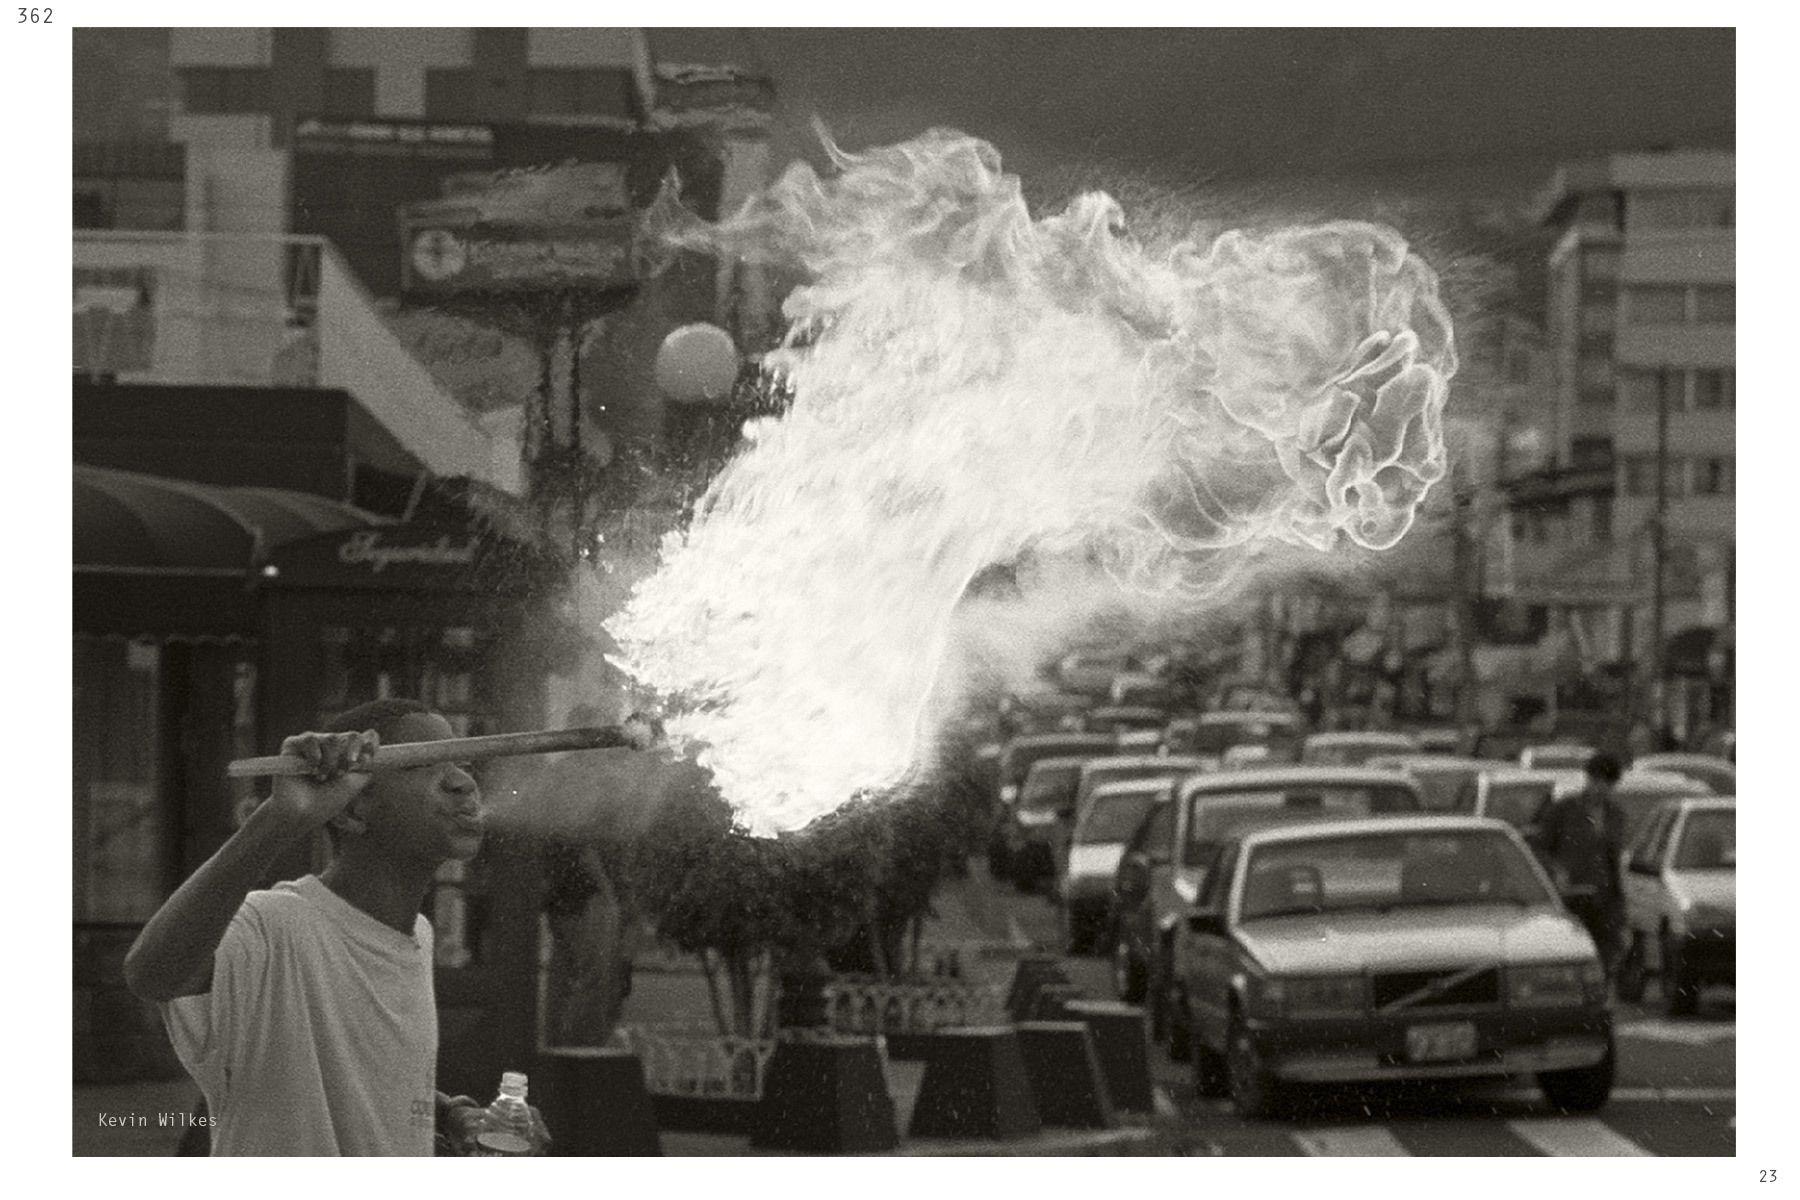 Fire spiter. Quito, Ecuador.